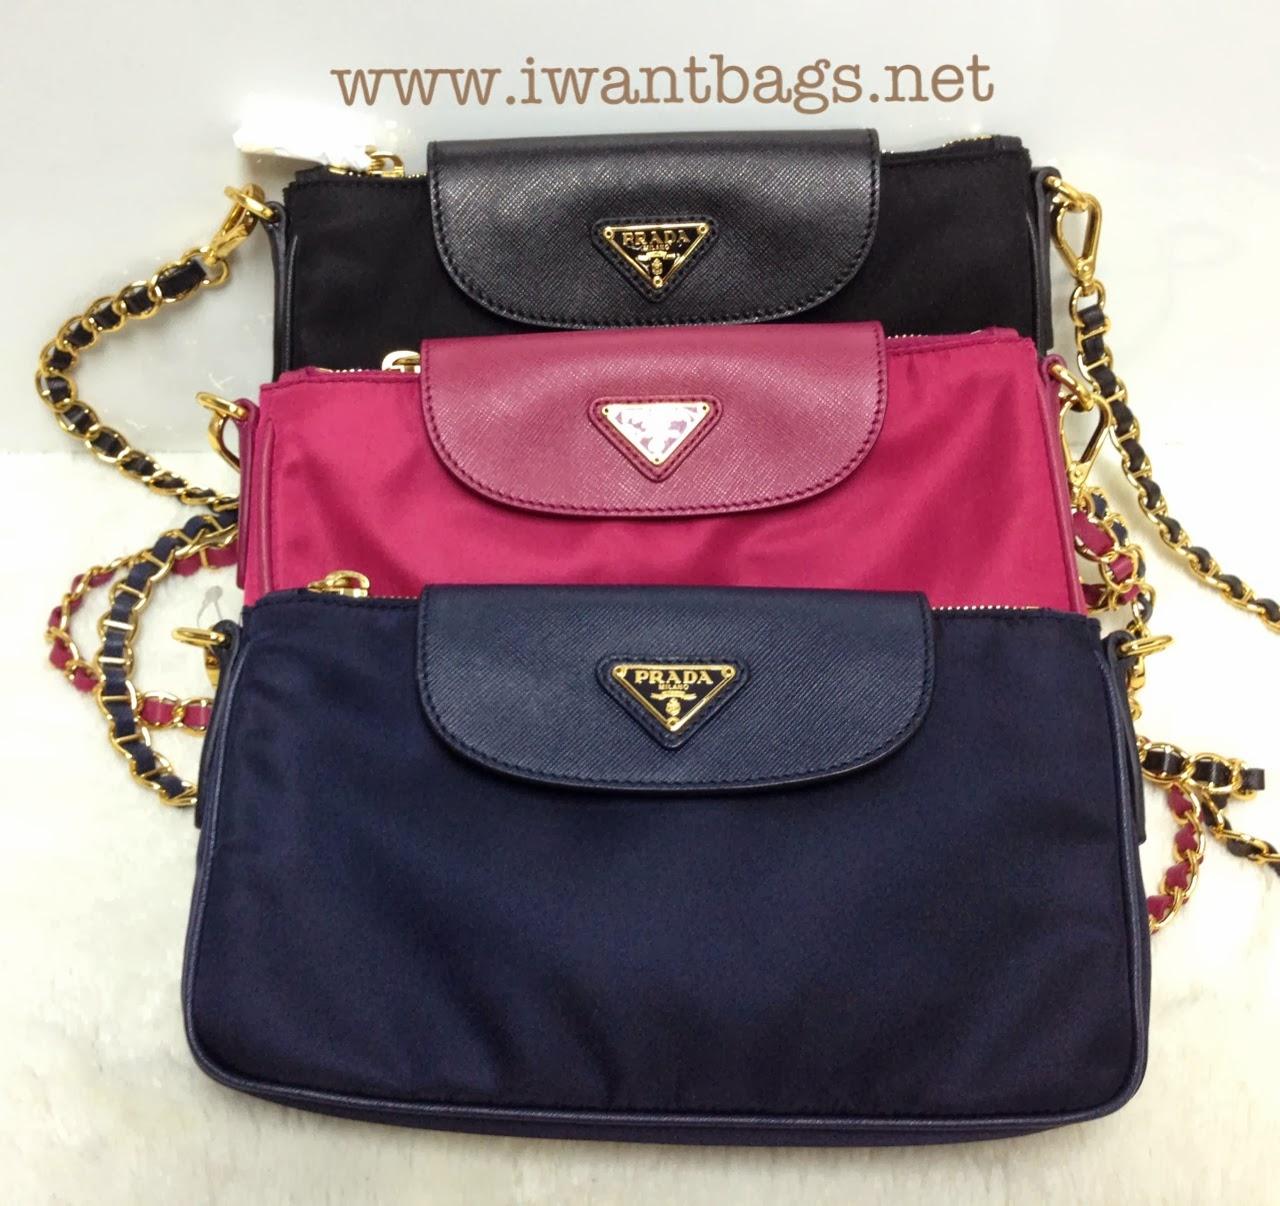 ... authentic prada nylon tessuto saffiano clutch sling bag bt0779 71962  d0cbc c5886261bf26d